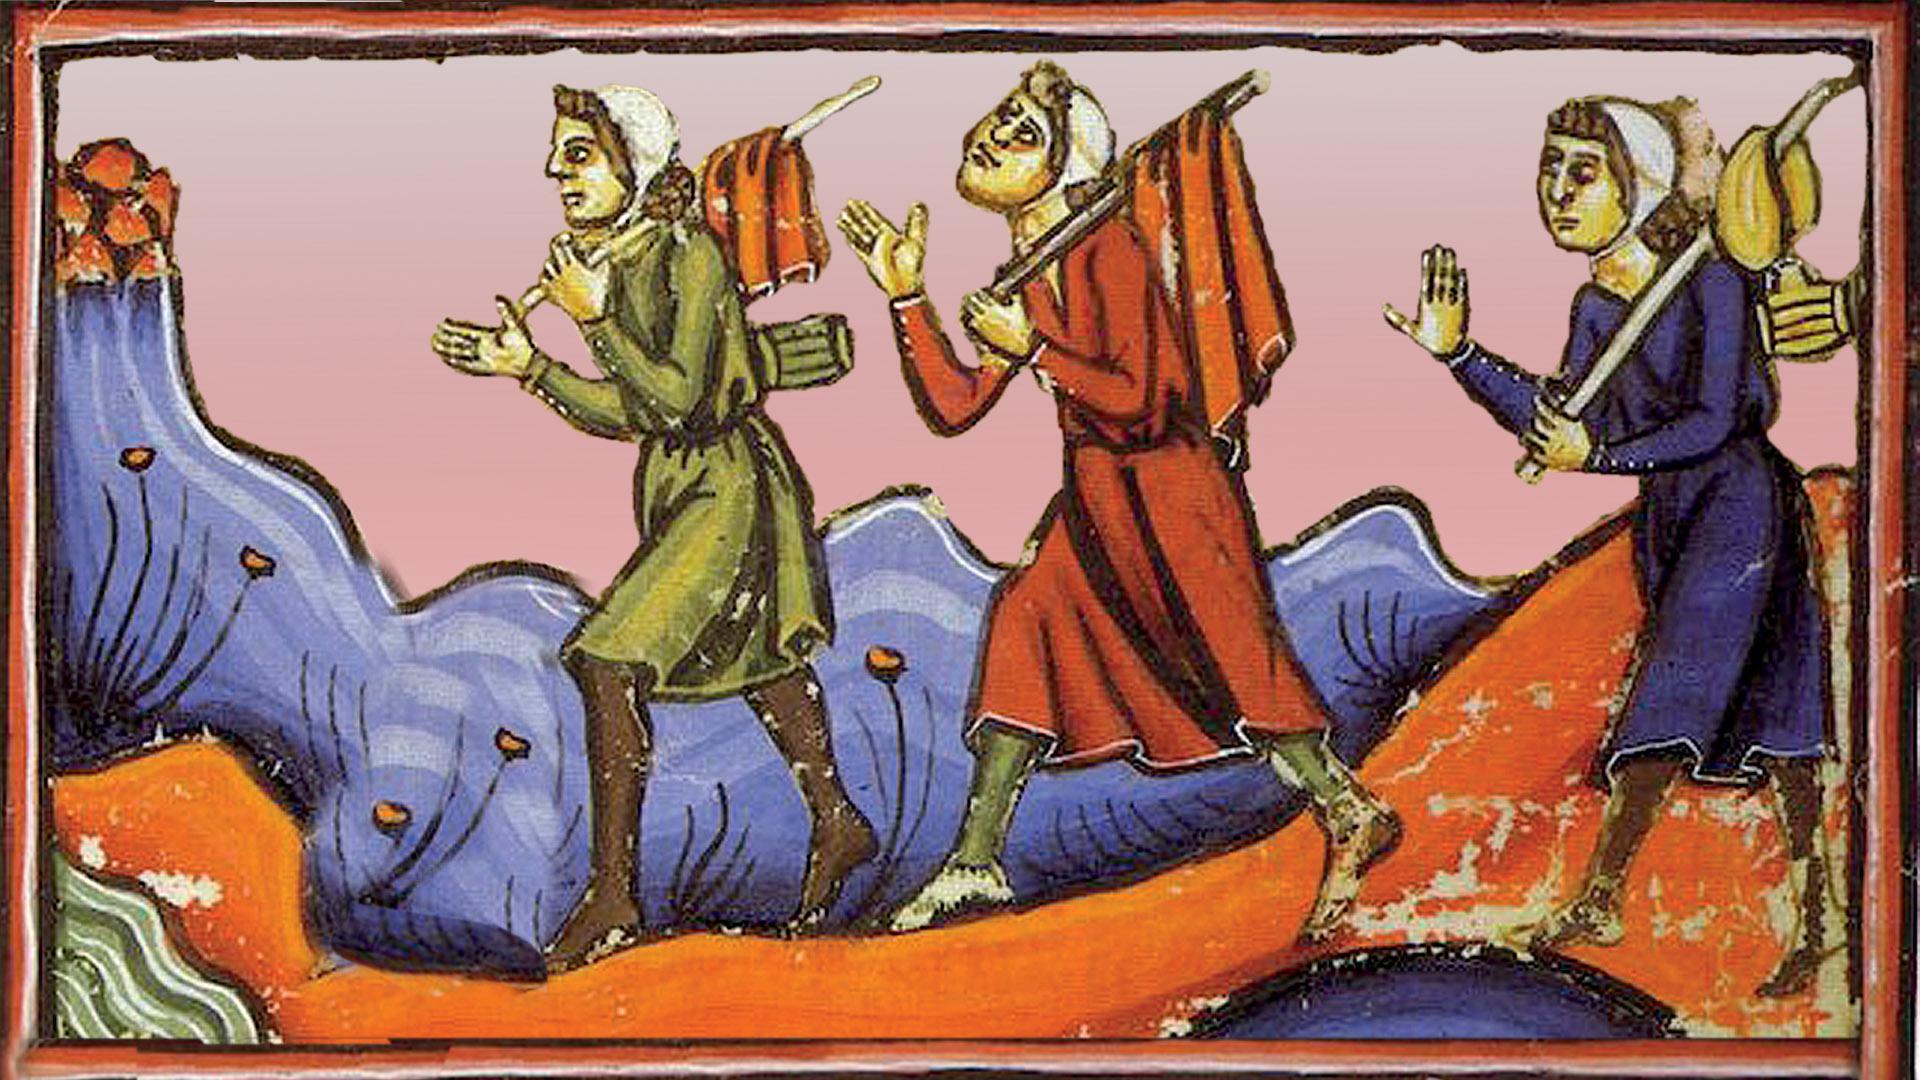 Ventesima puntata. Il pellegrinaggio nel Medioevo